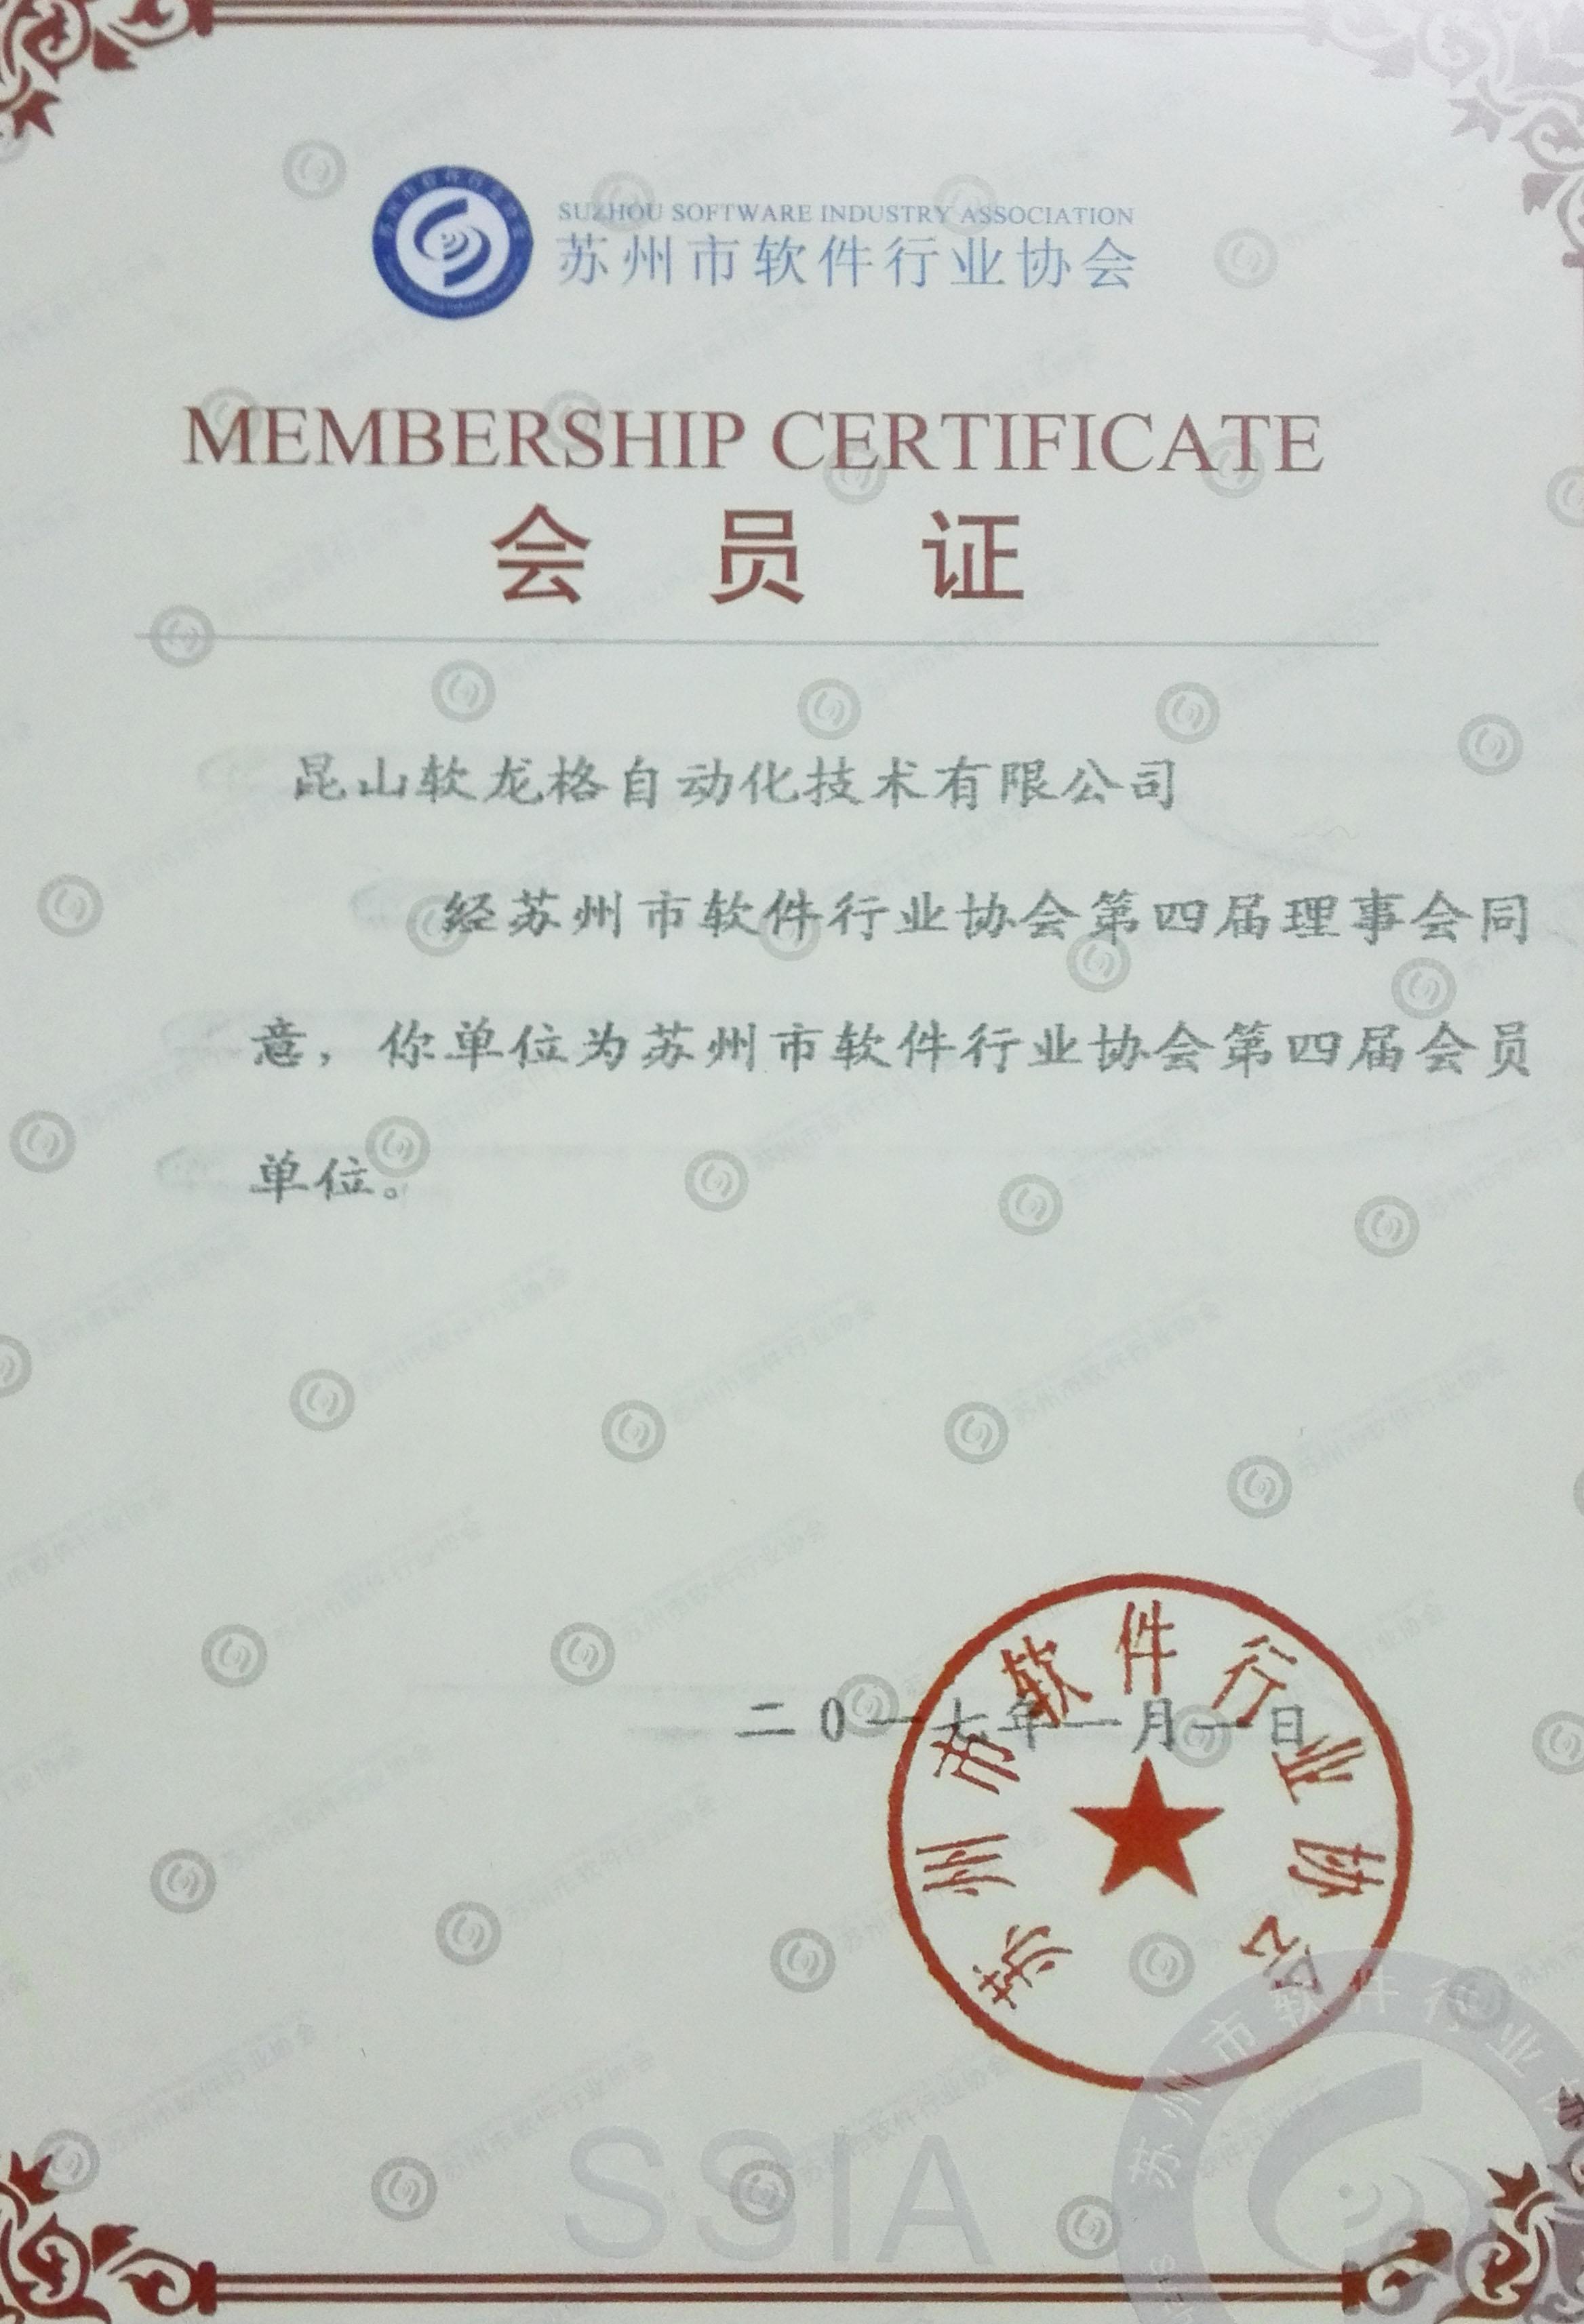 苏州软件协会会员证书